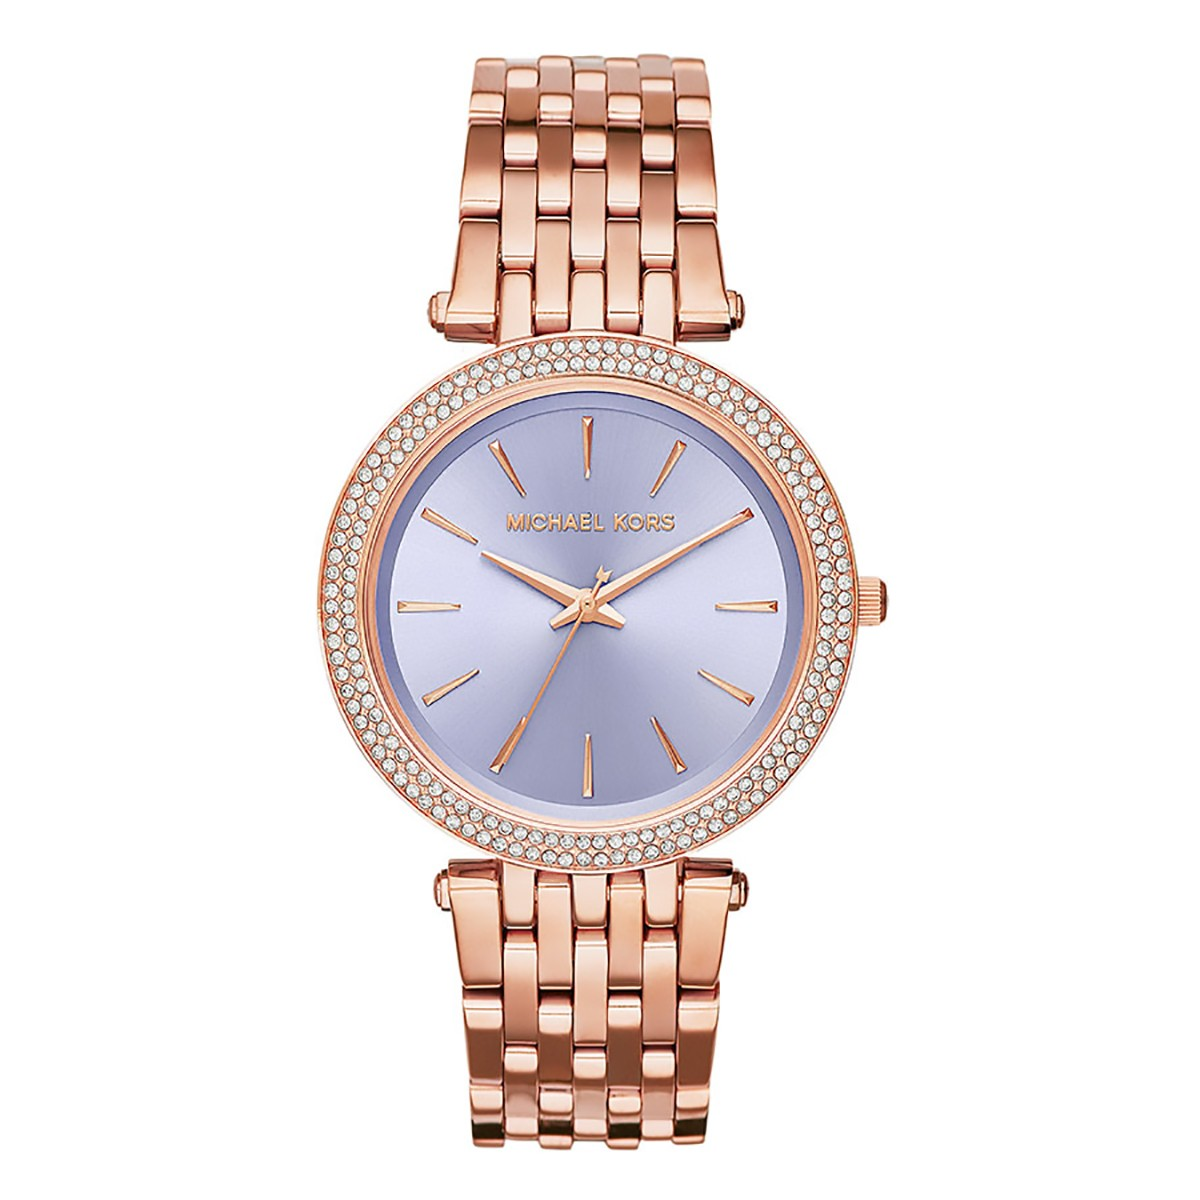 Compre Relógio Michael Kors Darci em 10X   Tri-Jóia Shop 449b6edeb1